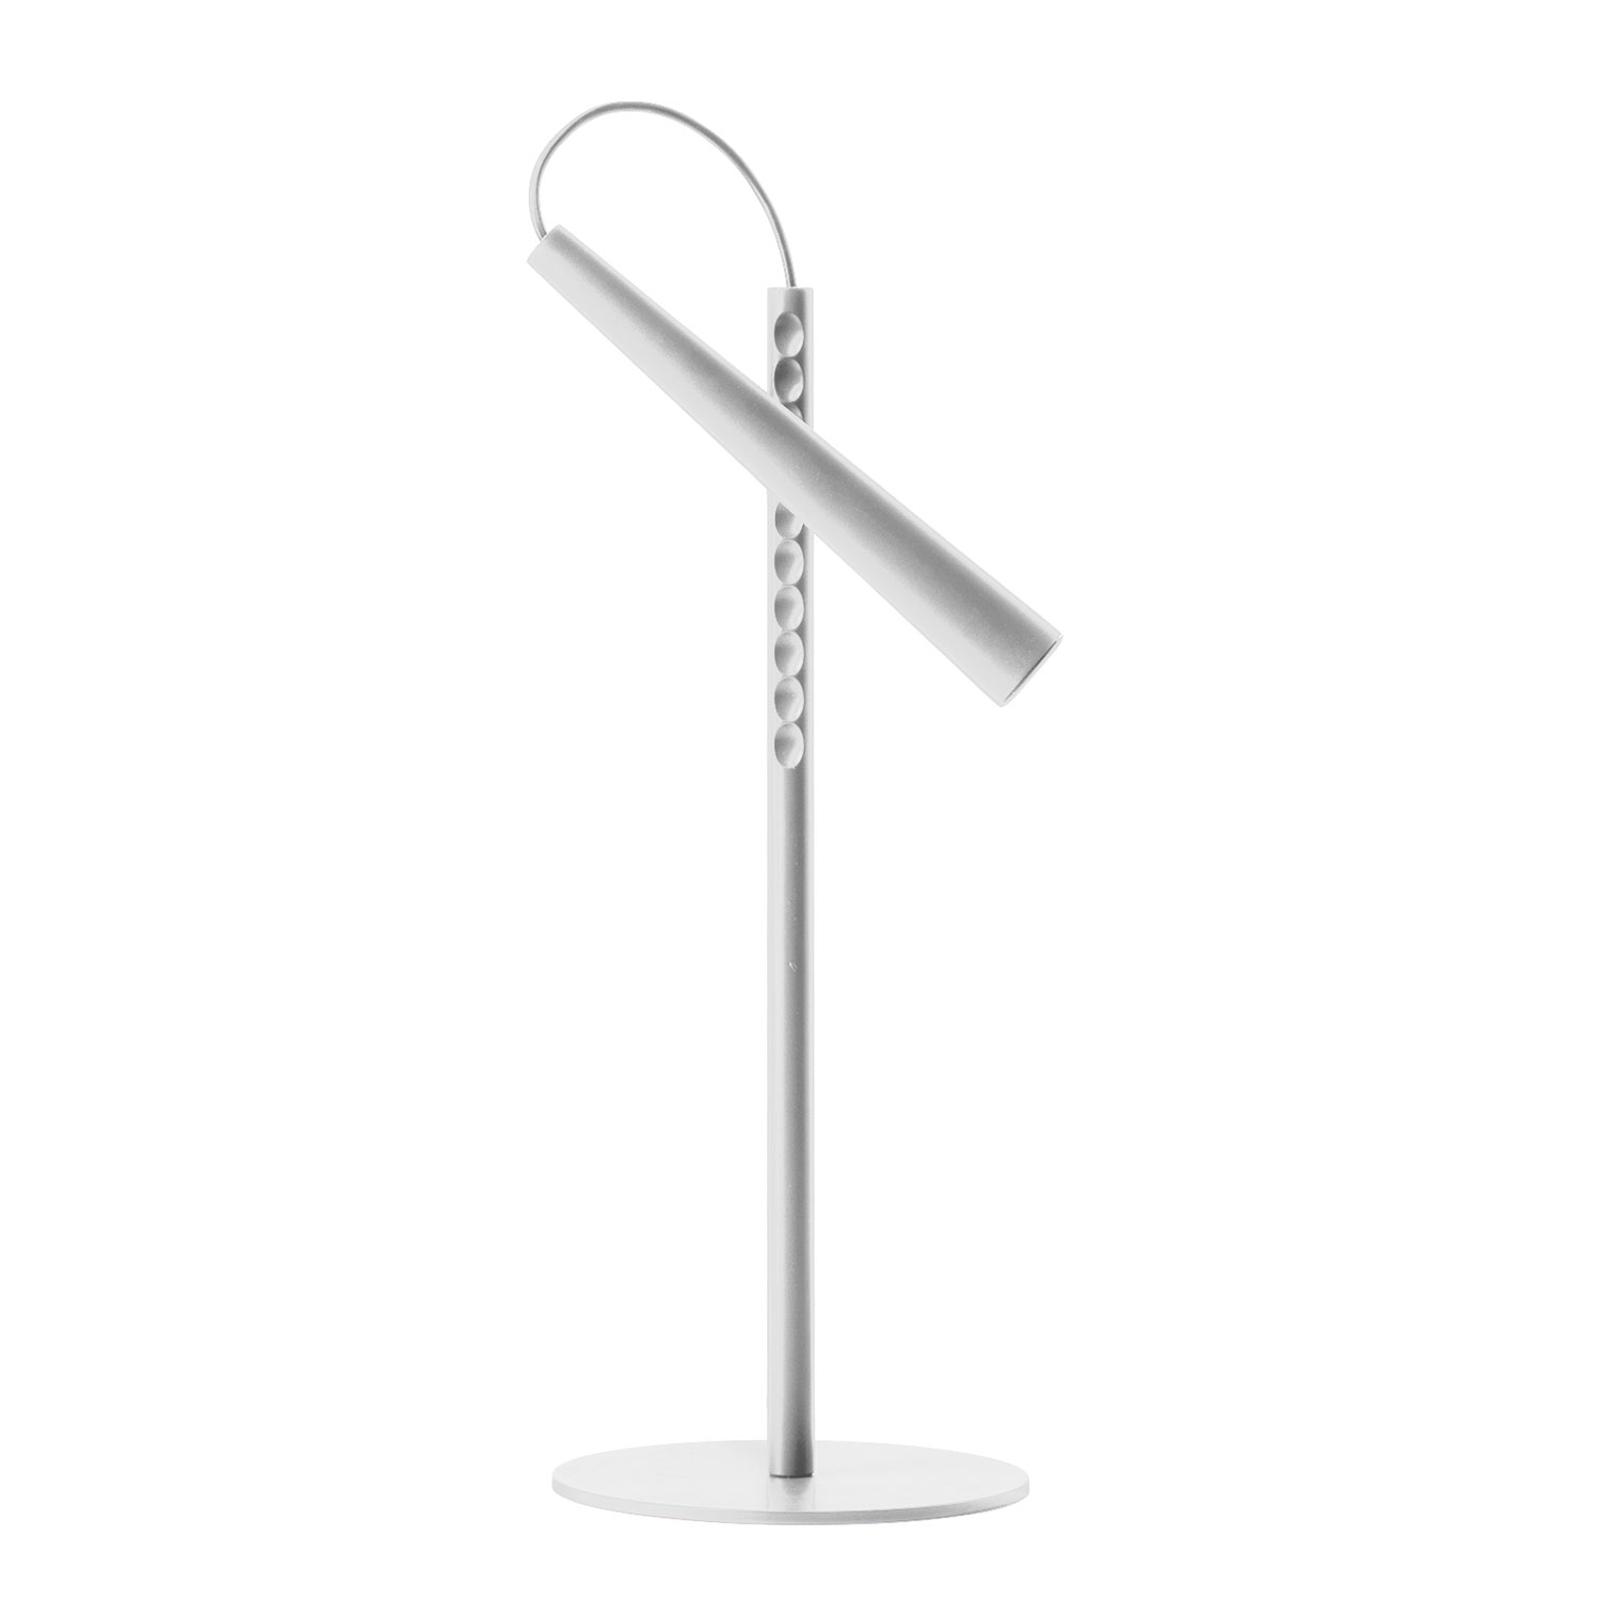 Foscarini Magneto LED-bordlampe, hvit